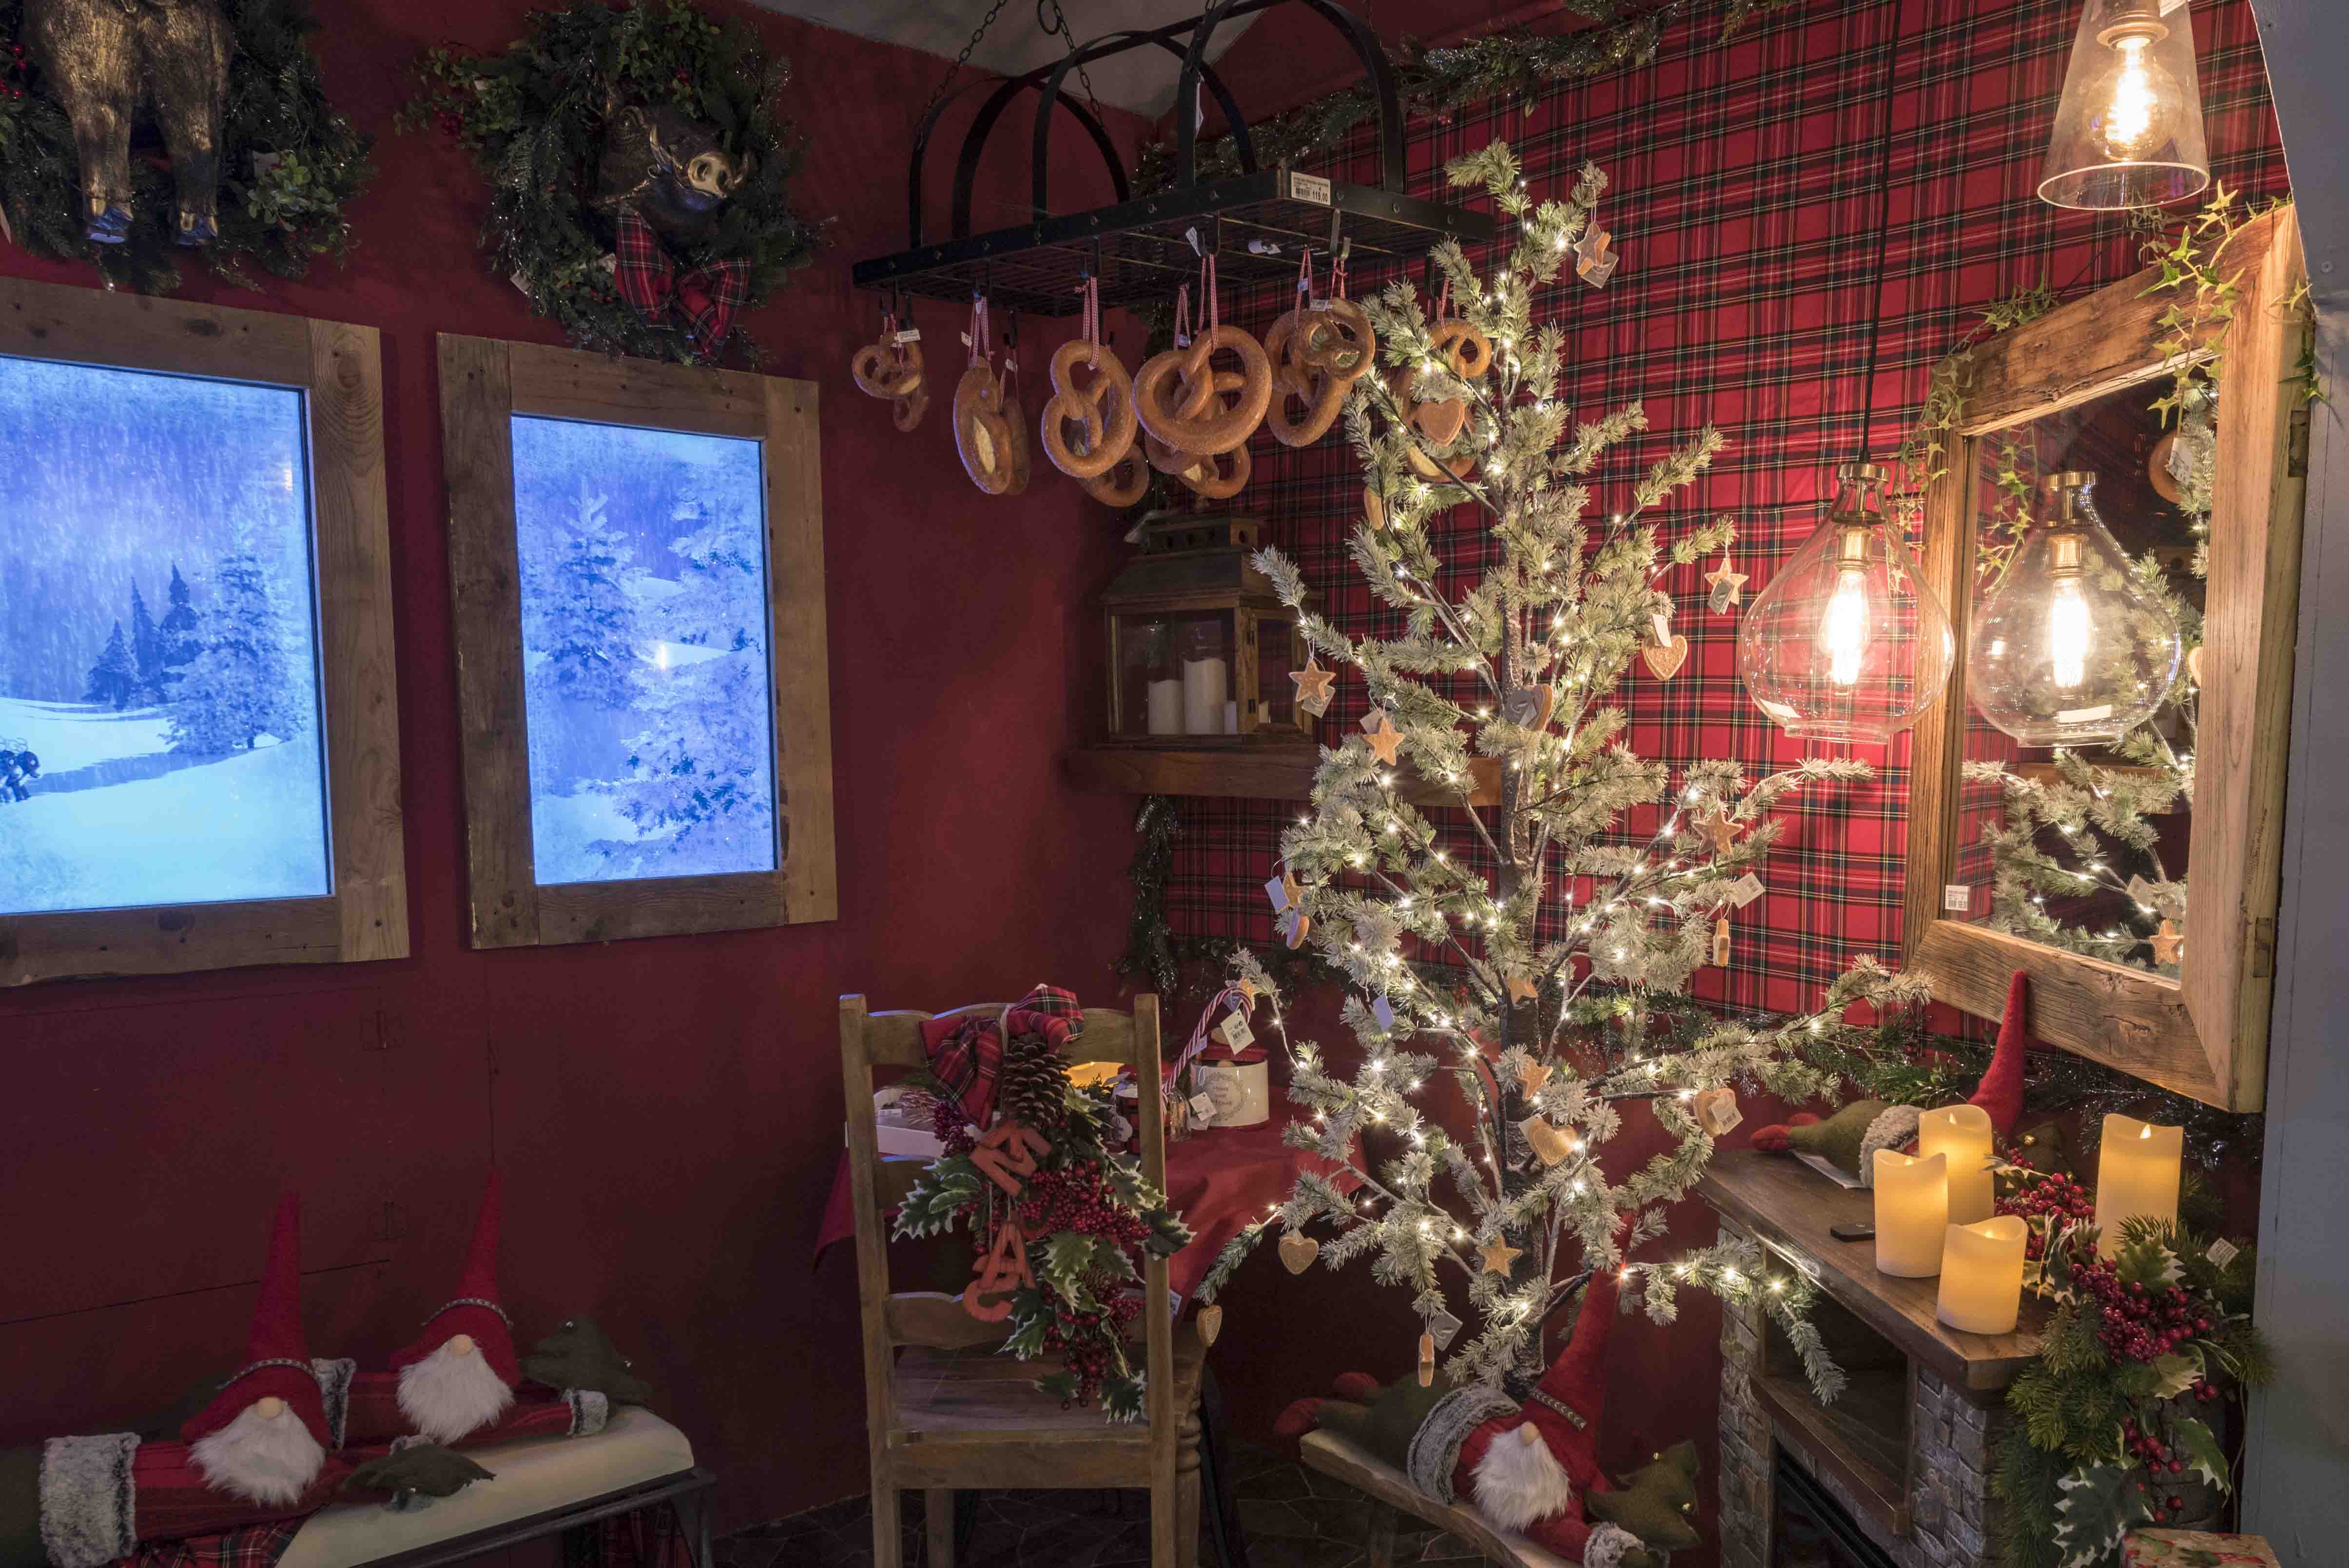 Villaggio Di Natale Bussolengo Immagini.Befana Nel Weekend Di Spettacoli Al Villaggio Di Natale